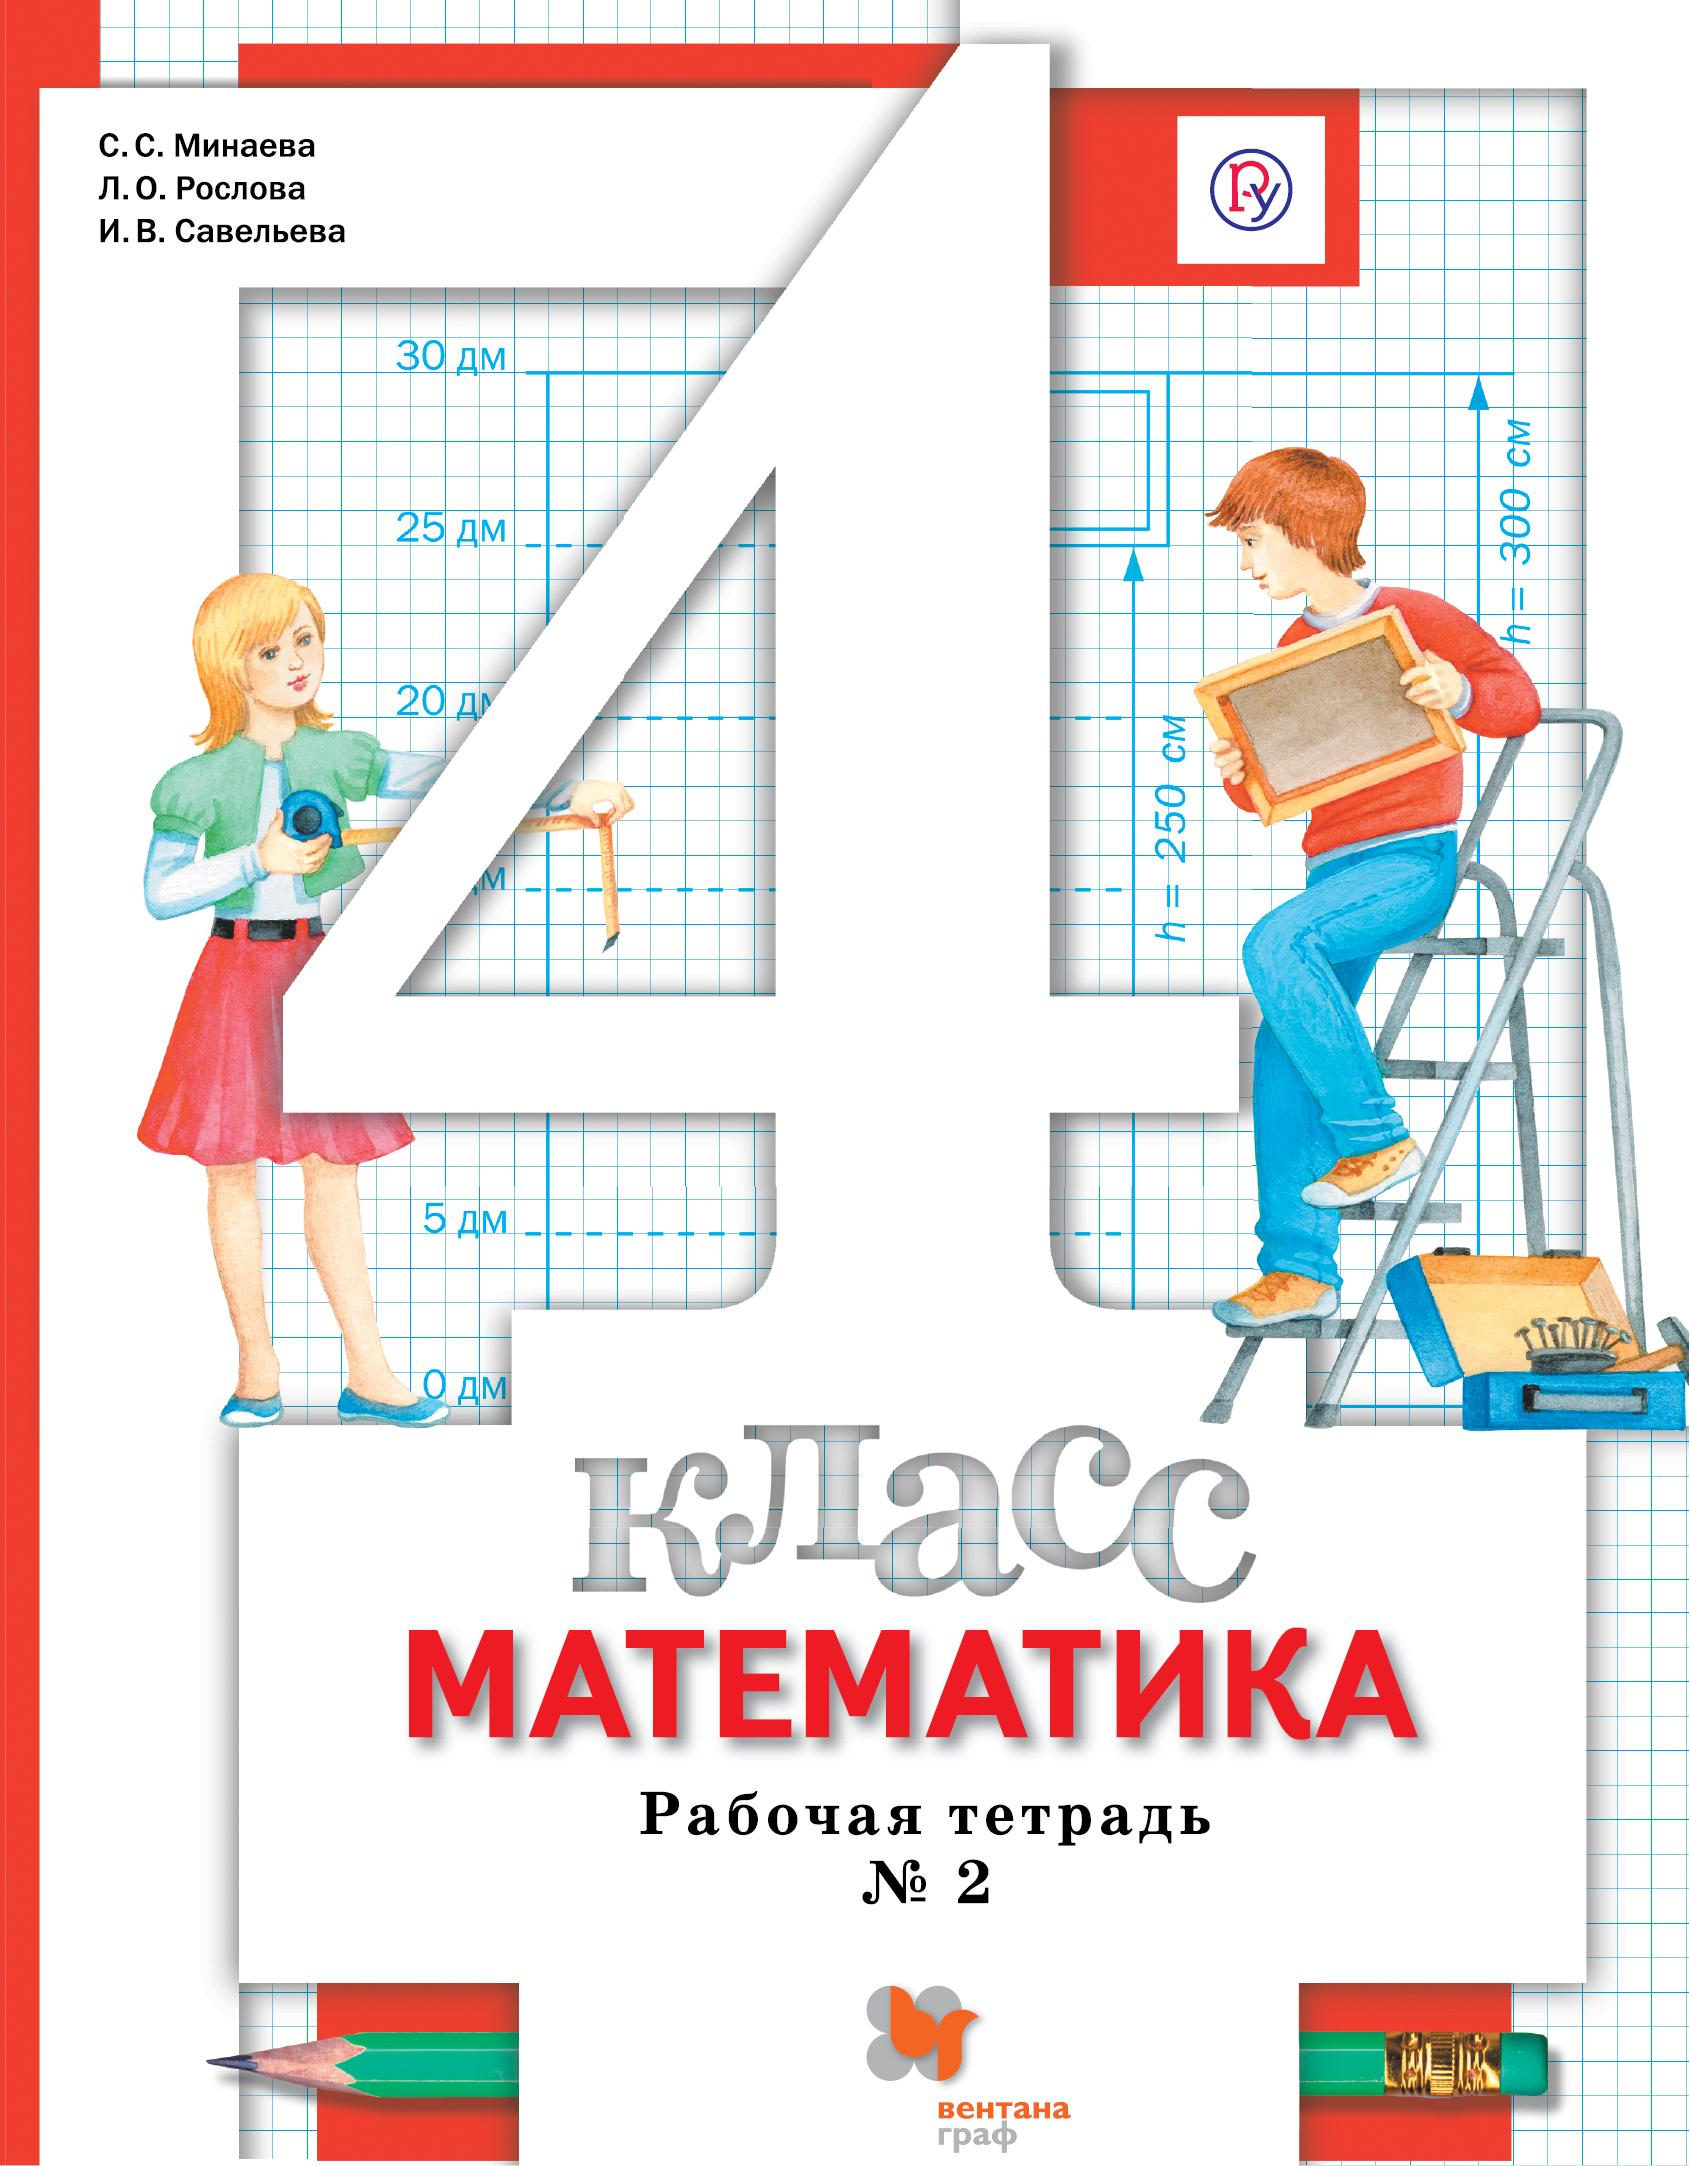 Минаева С.С., Рослова Л.О., Савельева И.В. Математика. 4класс. Рабочая тетрадь №2 минаева с зяблова е математика 2 класс рабочая тетрадь 2